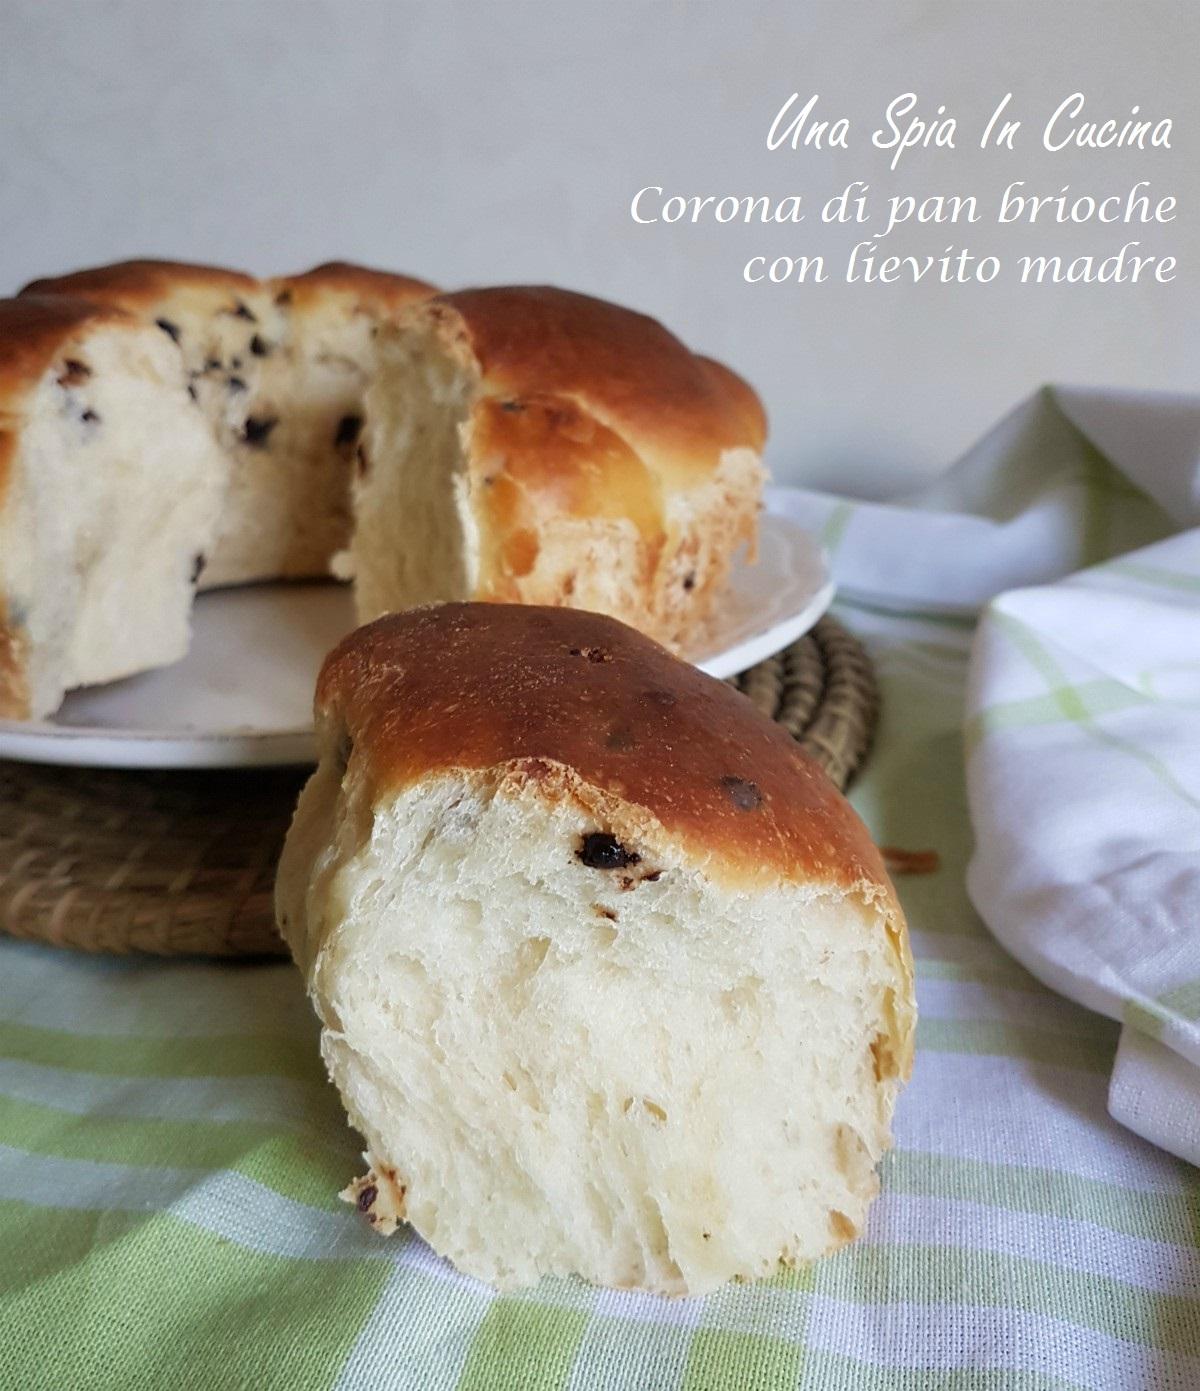 Corona di pan brioche con lievito madre